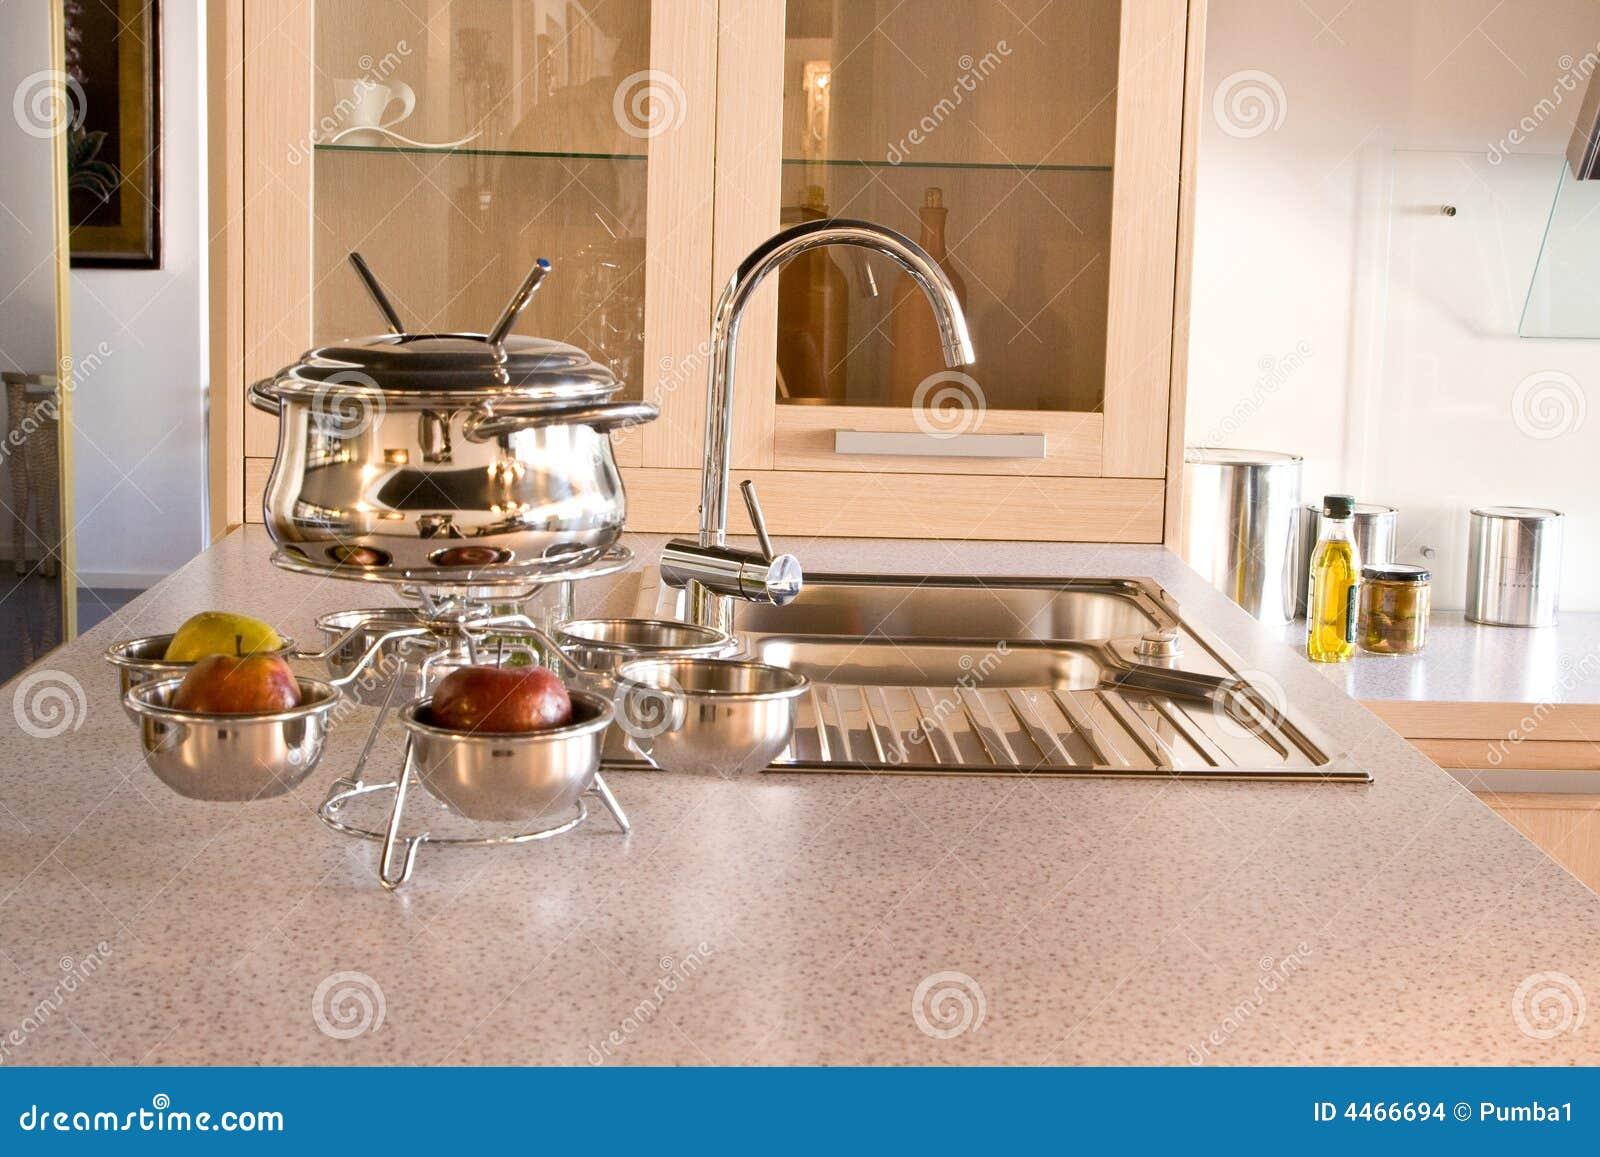 De gootsteen van de keuken met de kraan en Werktuigen voor fondu